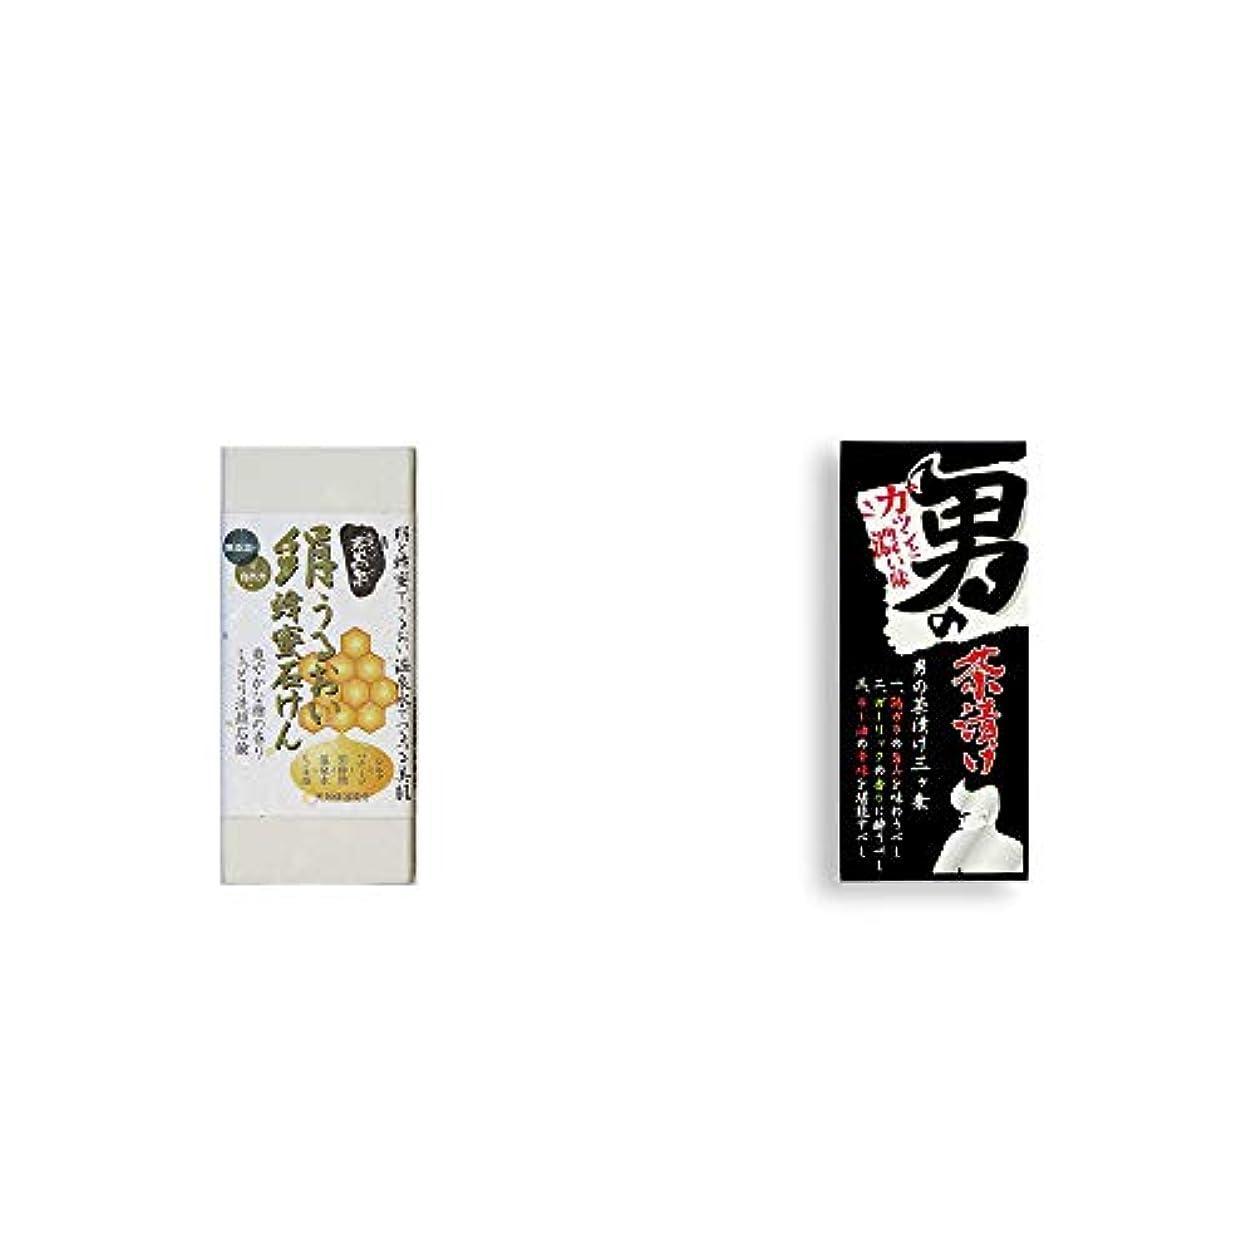 事前疲労病な[2点セット] ひのき炭黒泉 絹うるおい蜂蜜石けん(75g×2)?男の茶漬け(4.8g×8袋)